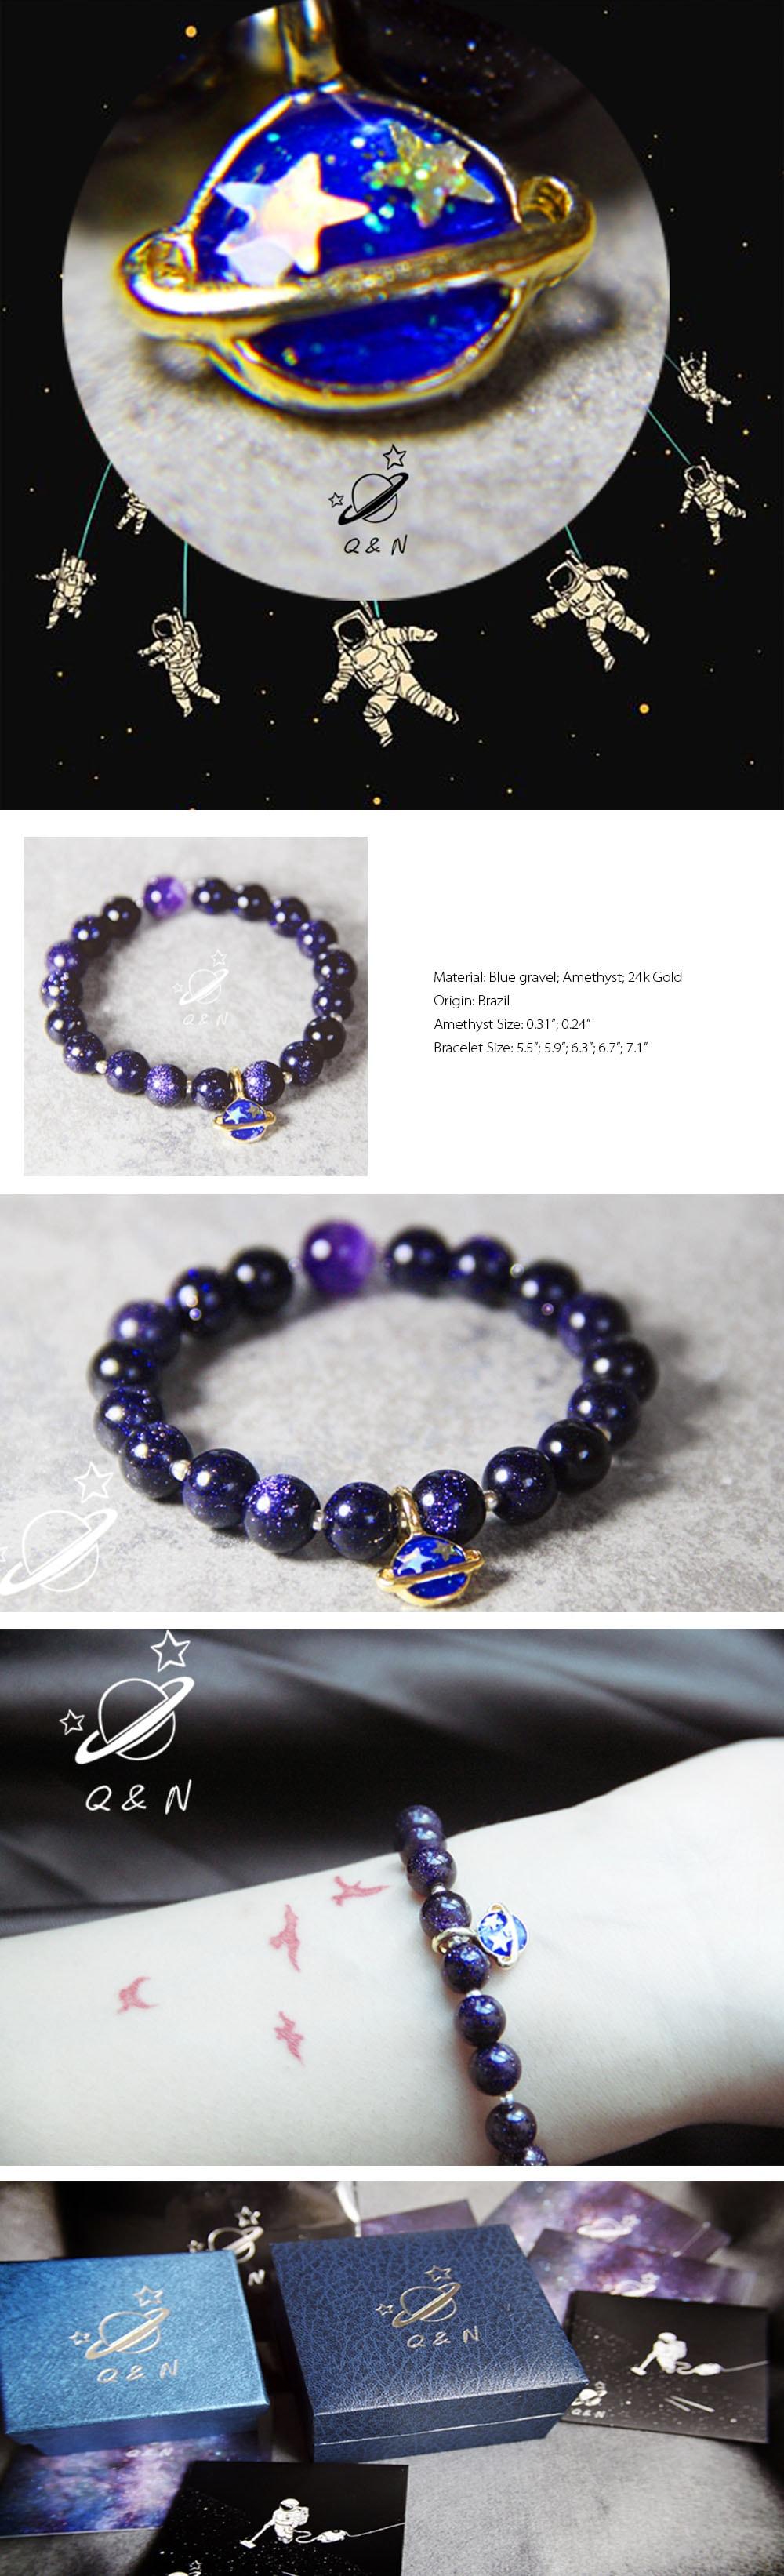 Blue Star Bracelet Gorgeous Bracelet Just For You